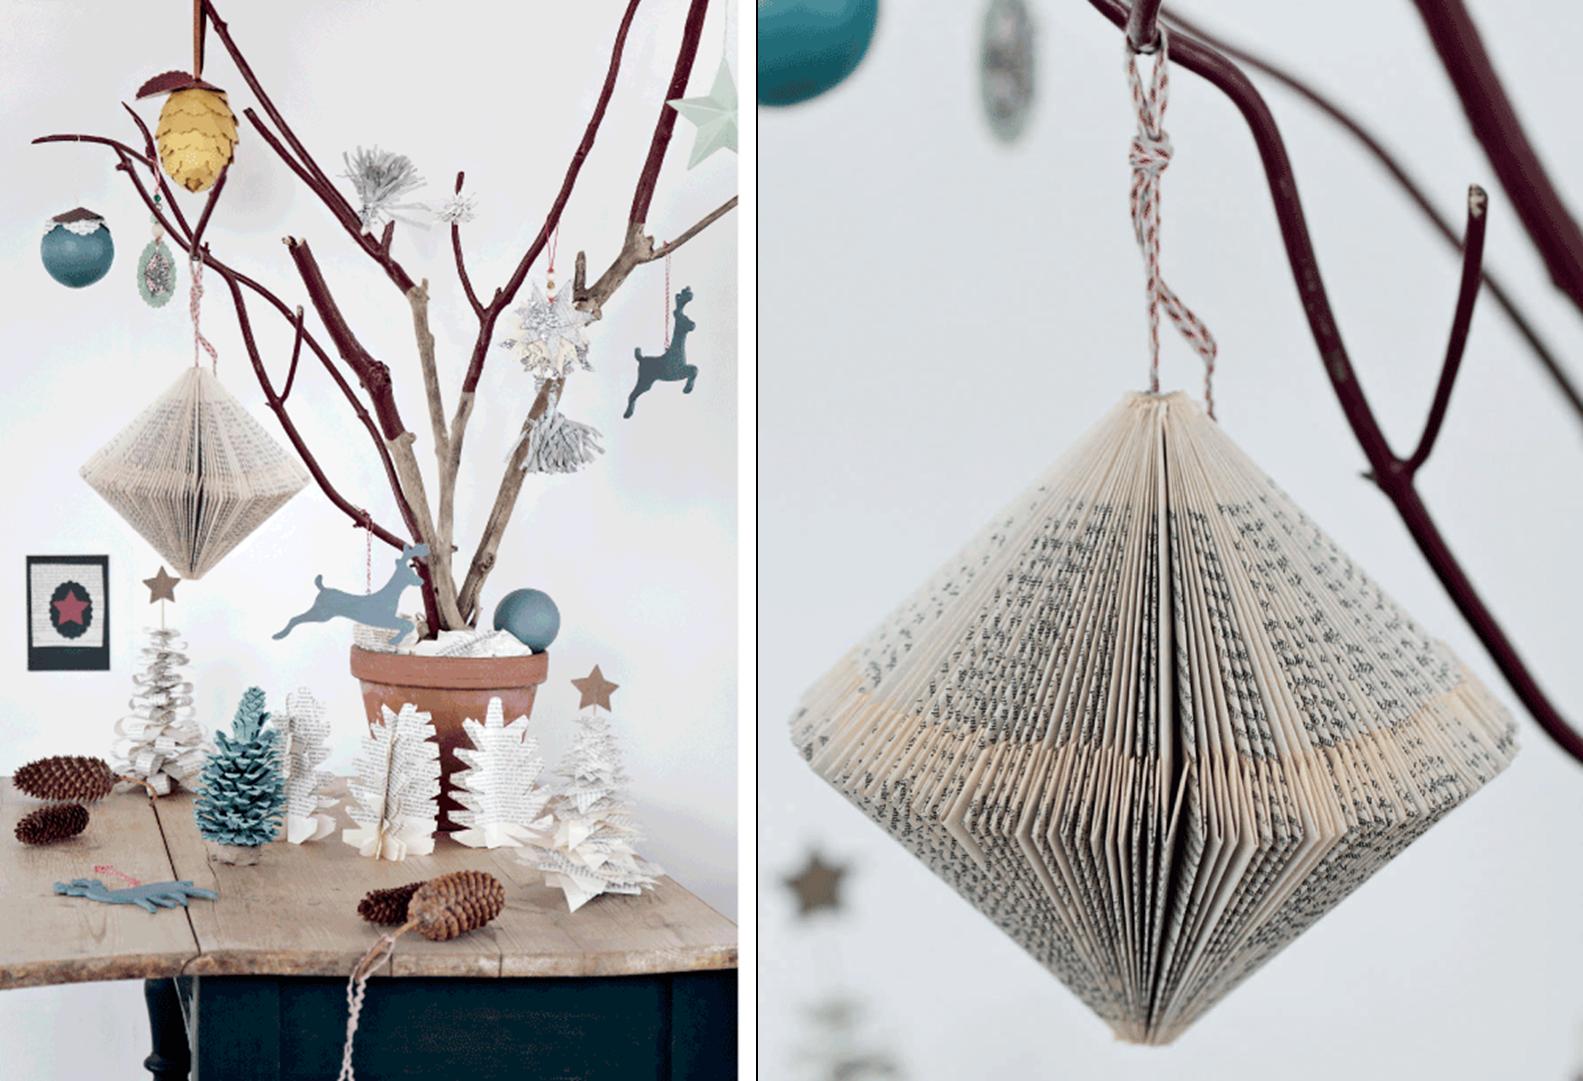 Decoraci n f cil adornos de navidad reciclando papel for Decoracion facil decasa